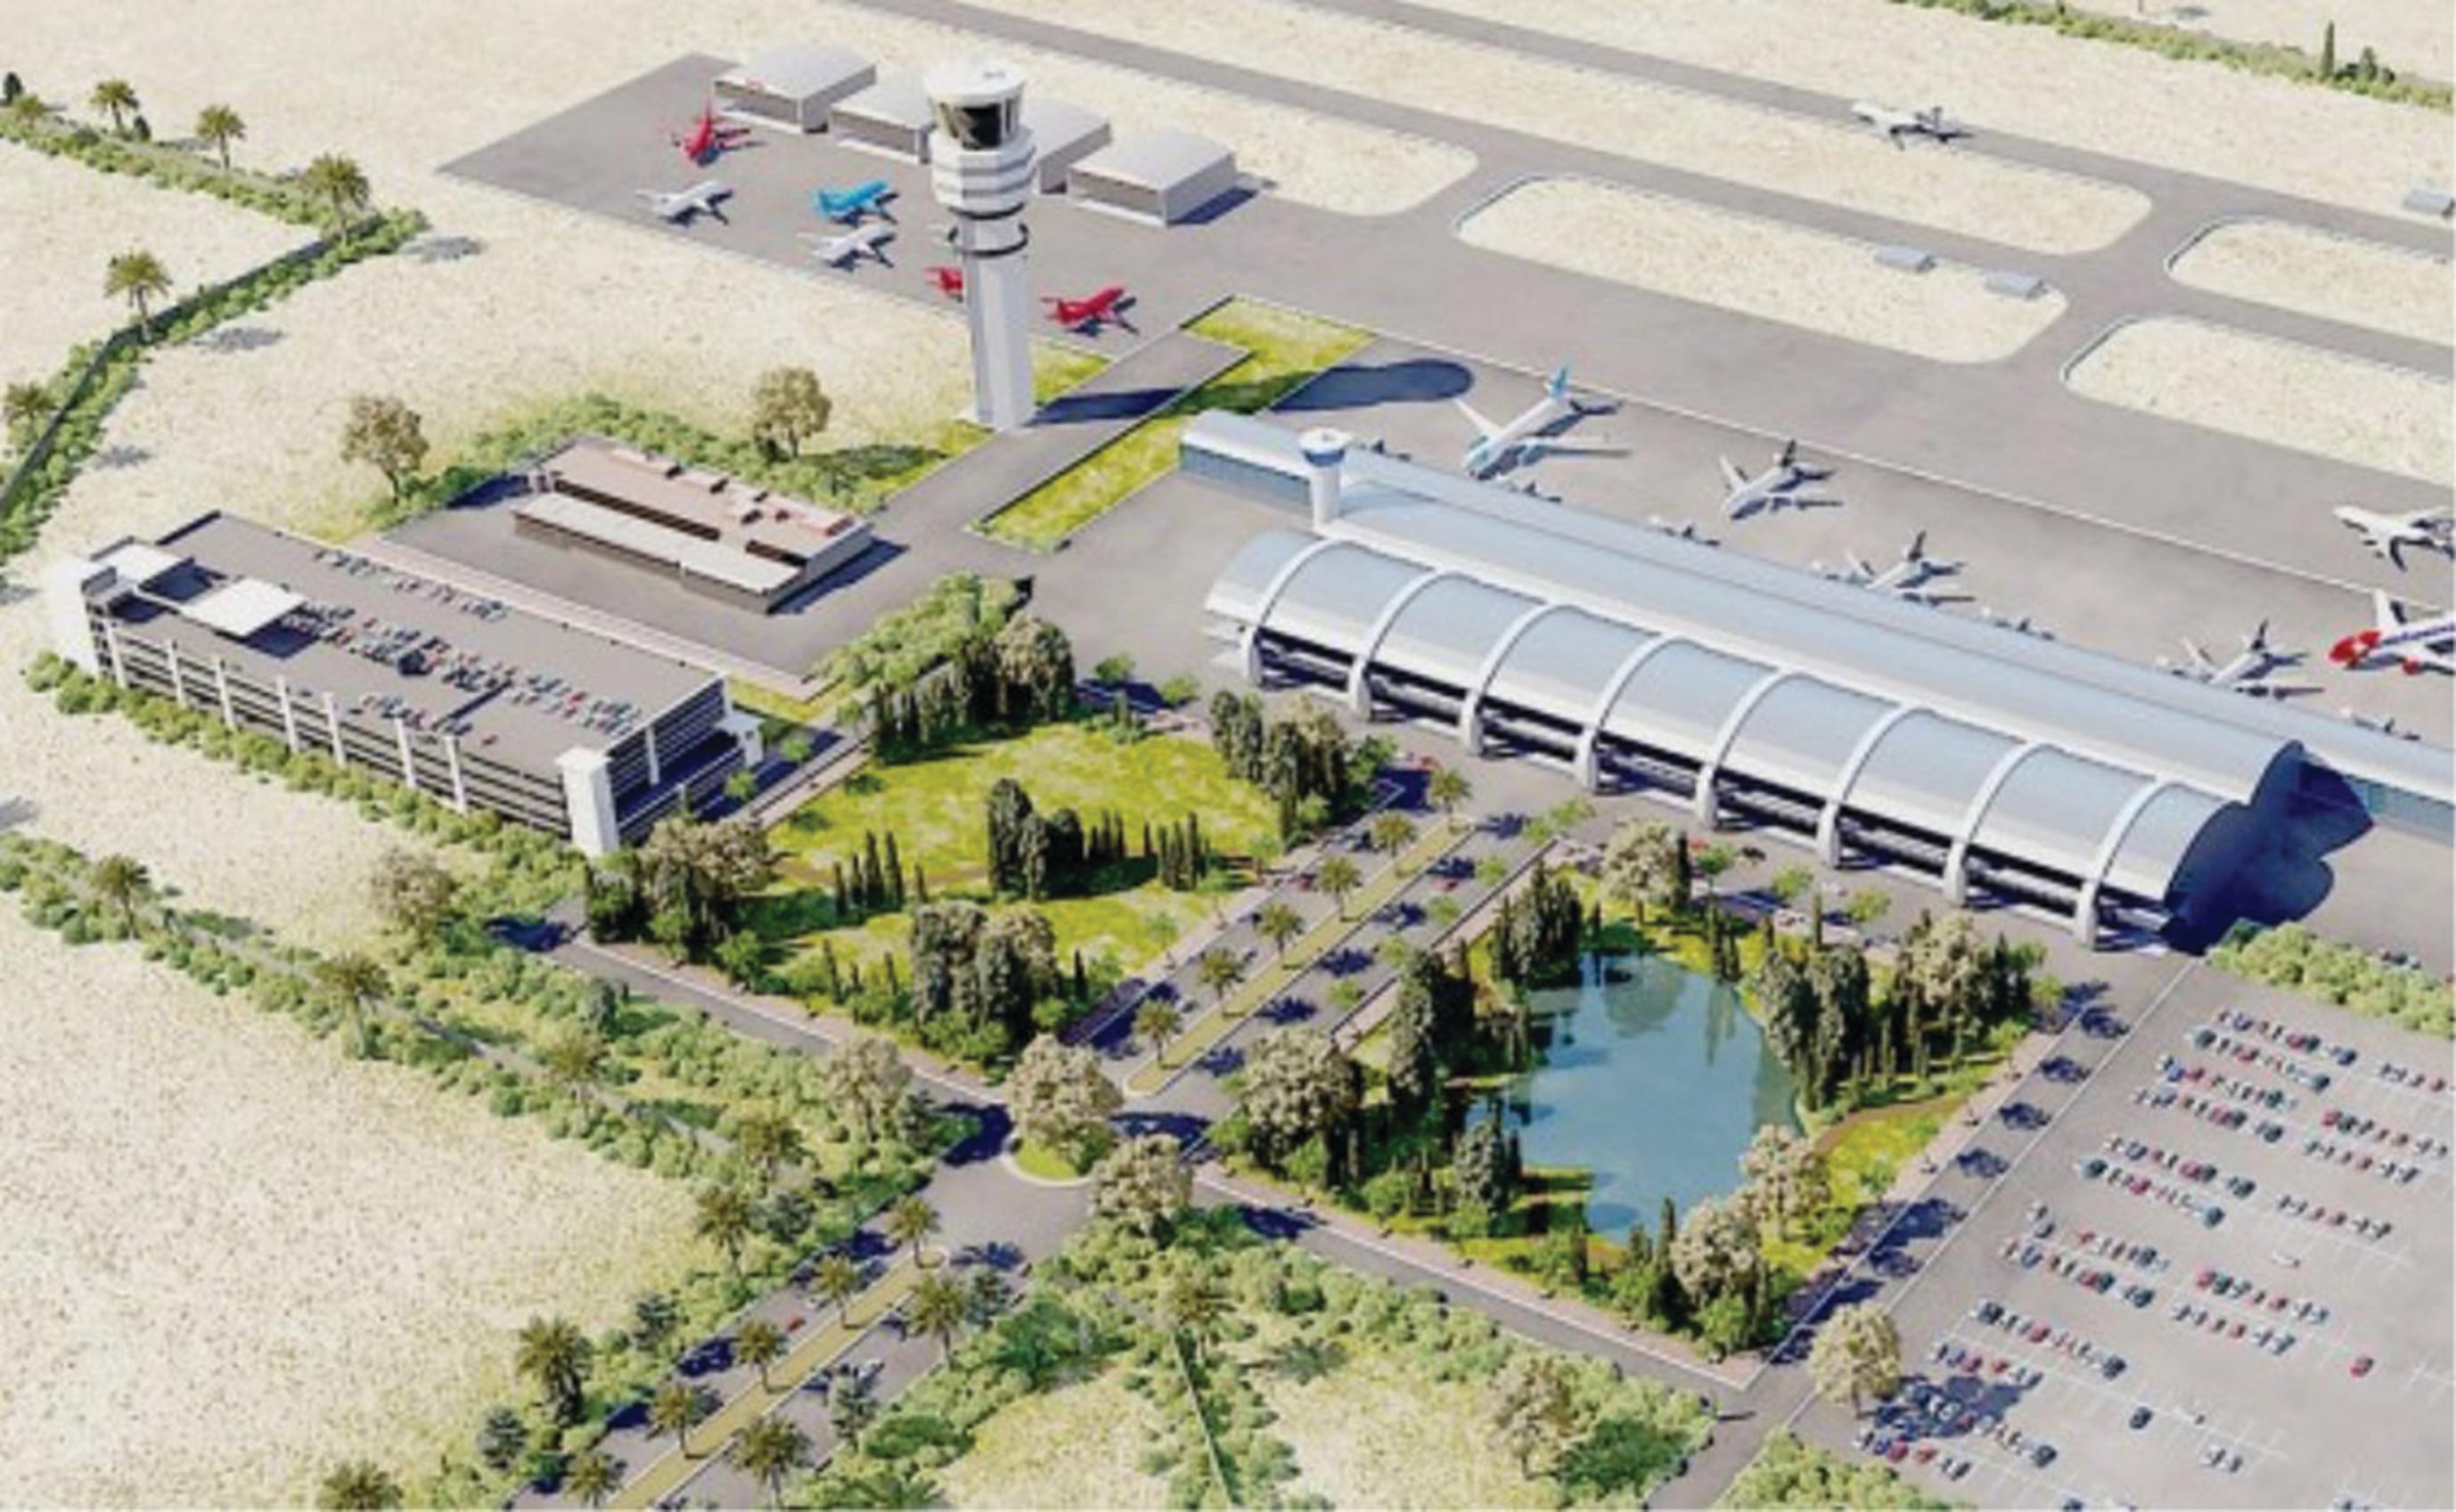 שדה התעופה בנבטים. הדמיה: סטודיו הקוביה